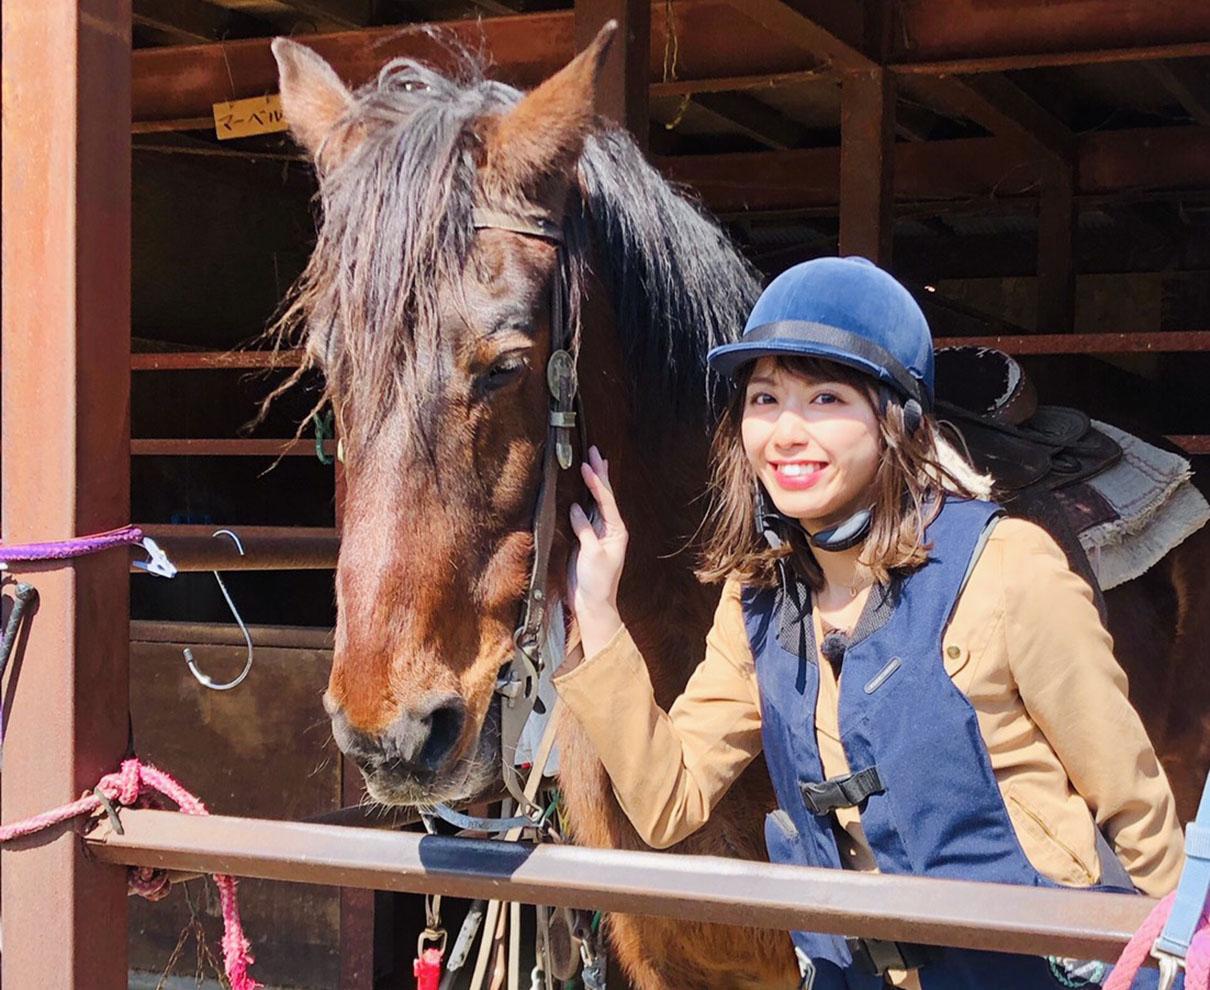 お仕事で人生初の乗馬を体験!優しくて人なつっこい馬たちに癒されました。